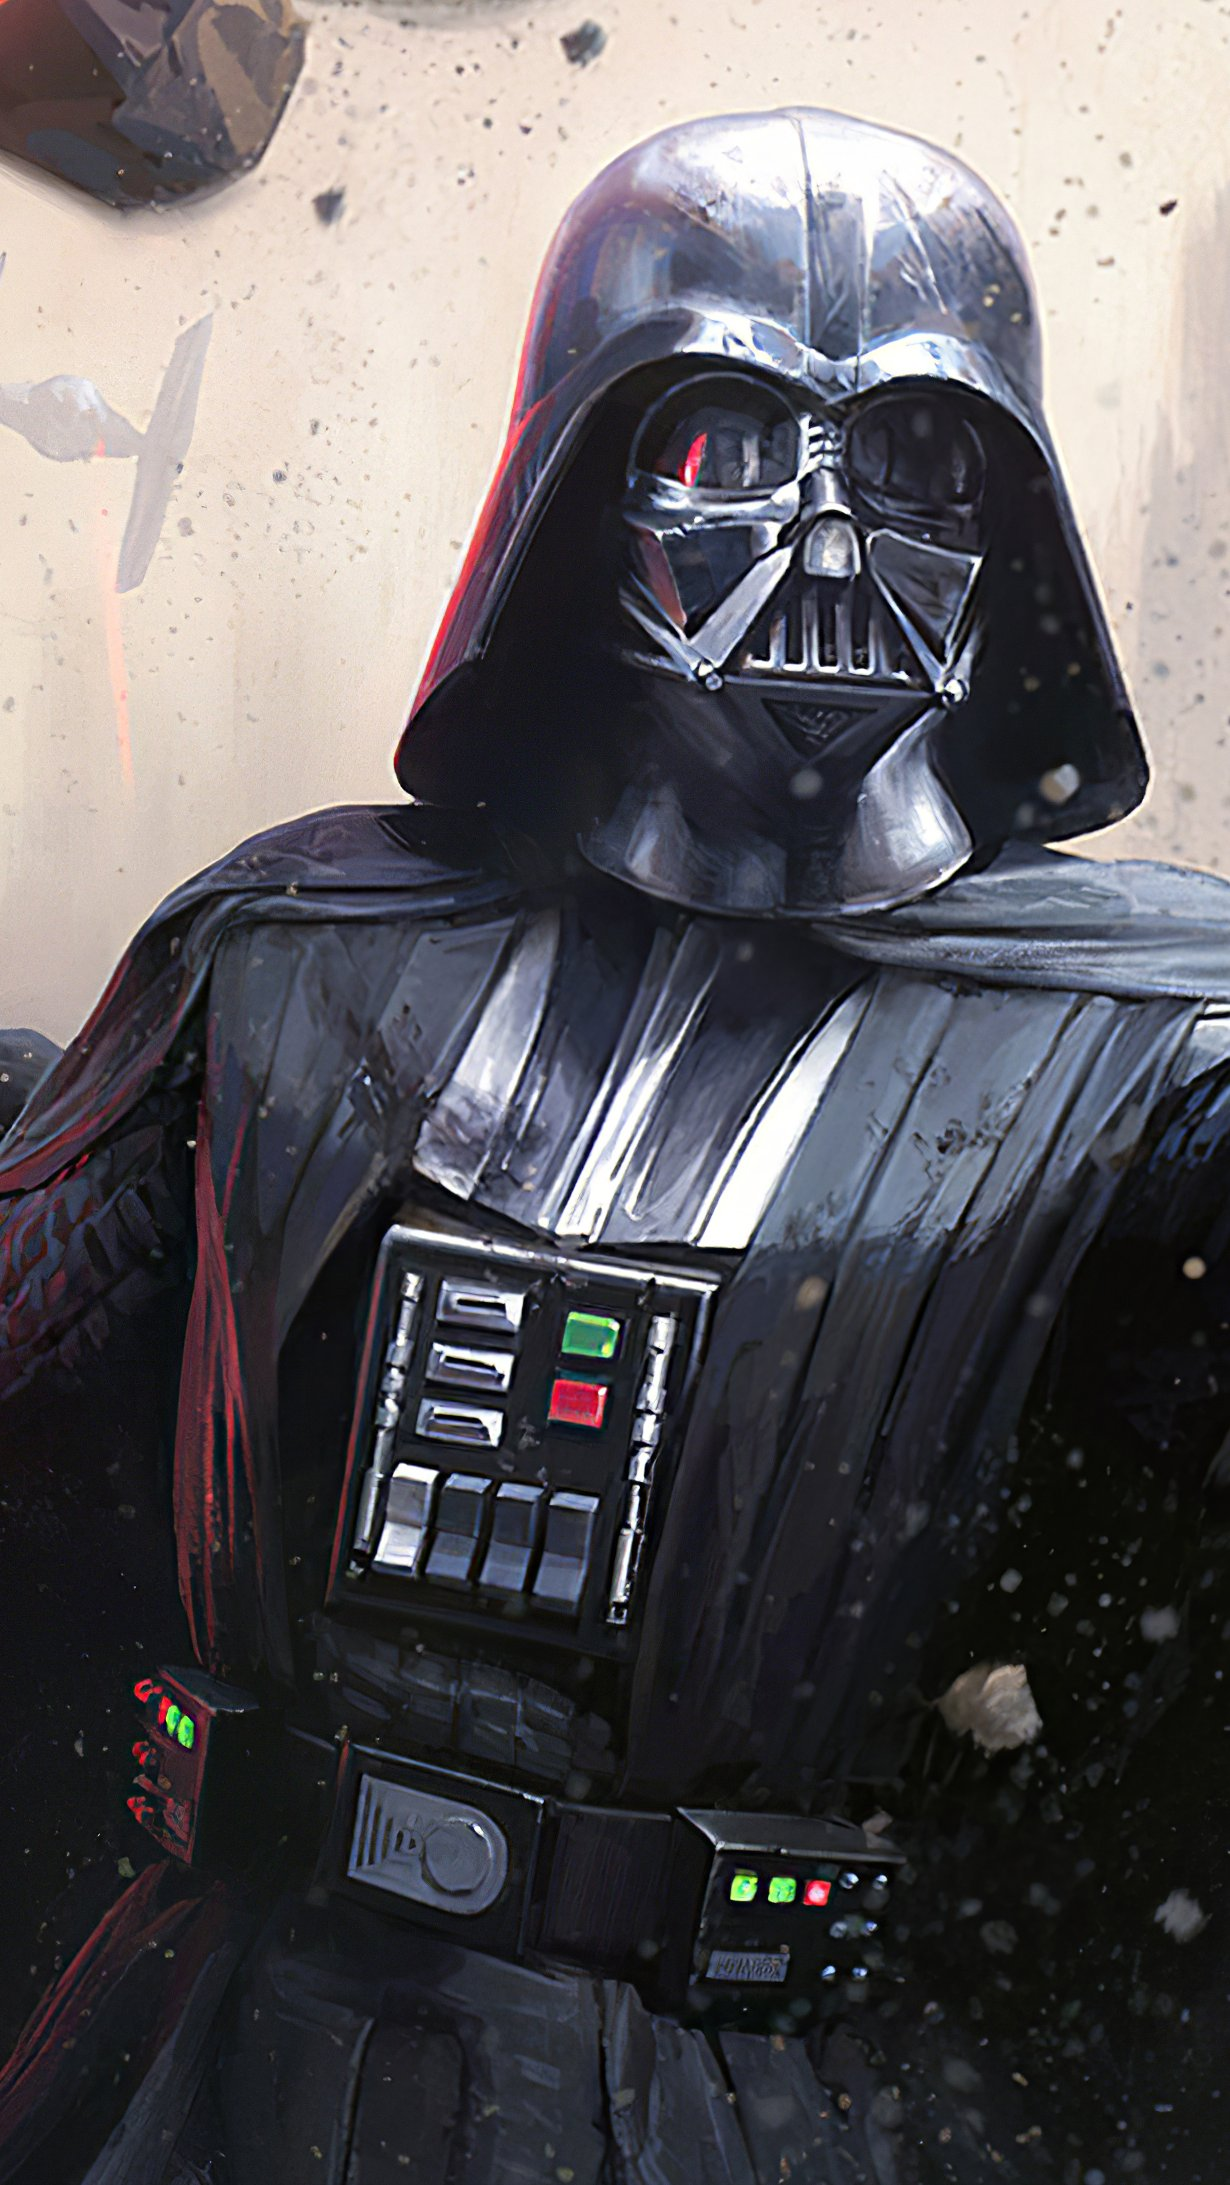 Wallpaper Darth Vader from Star Wars Vertical